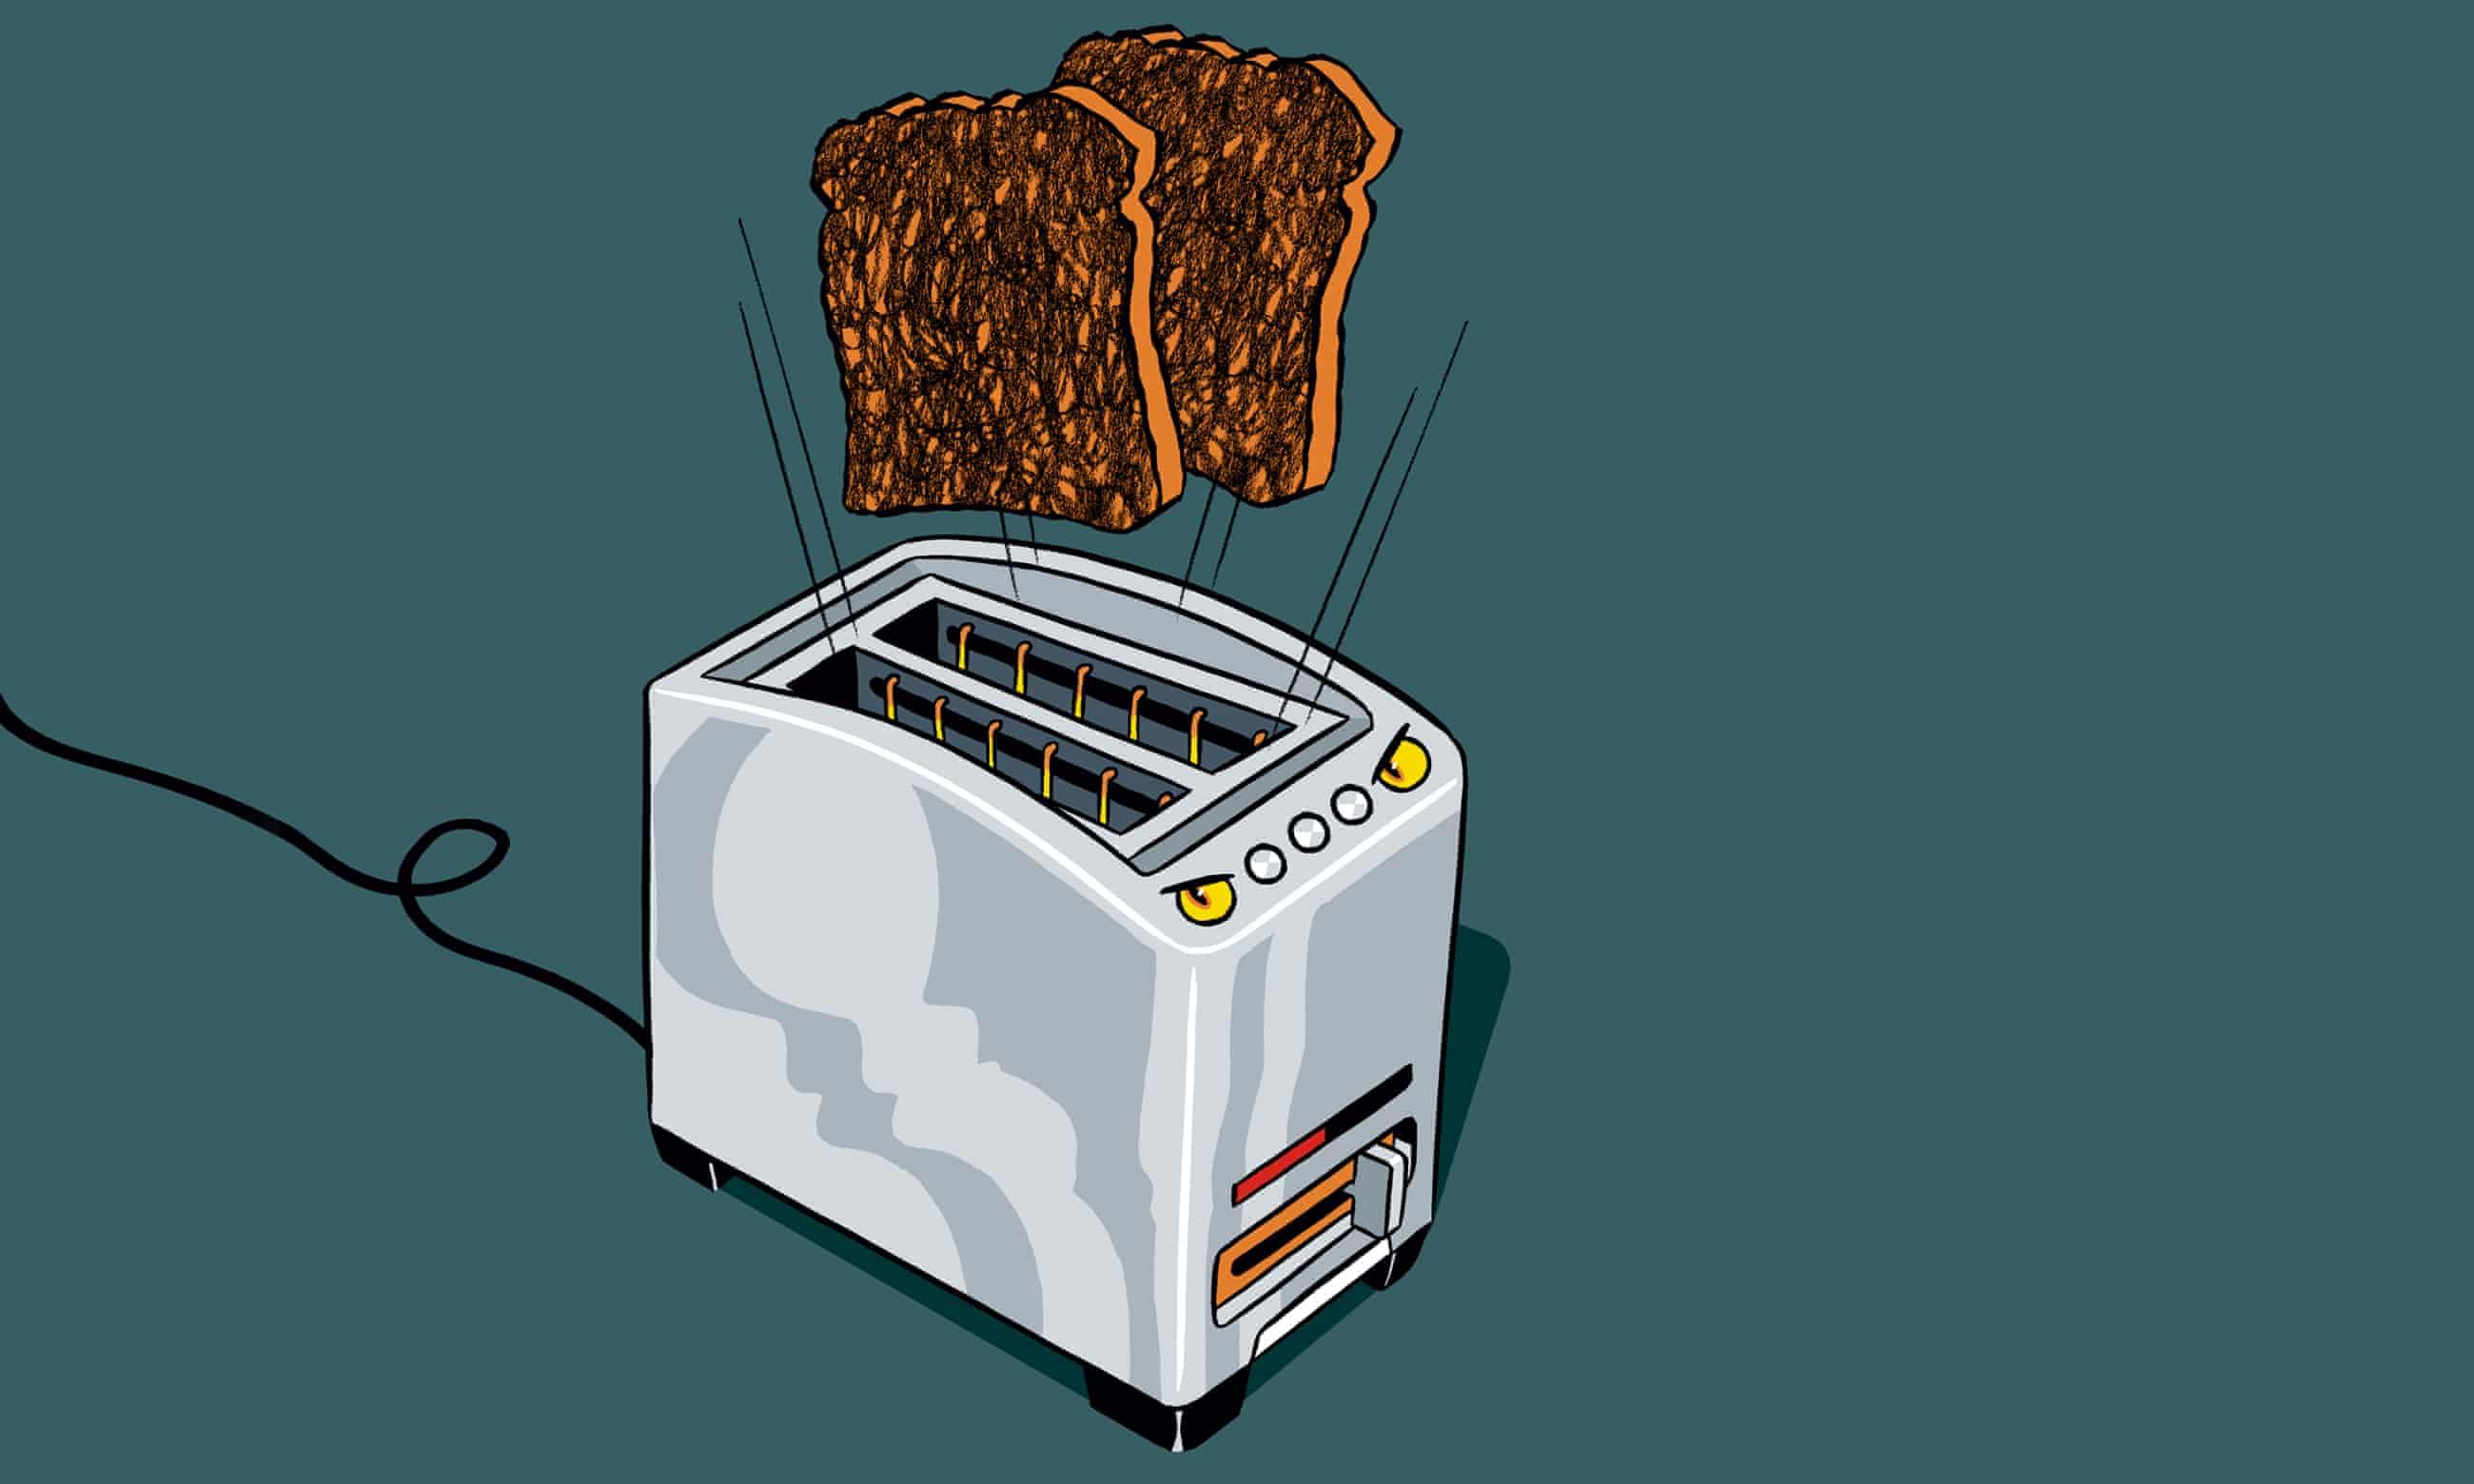 ts toaster png smart slika vivax kb image en